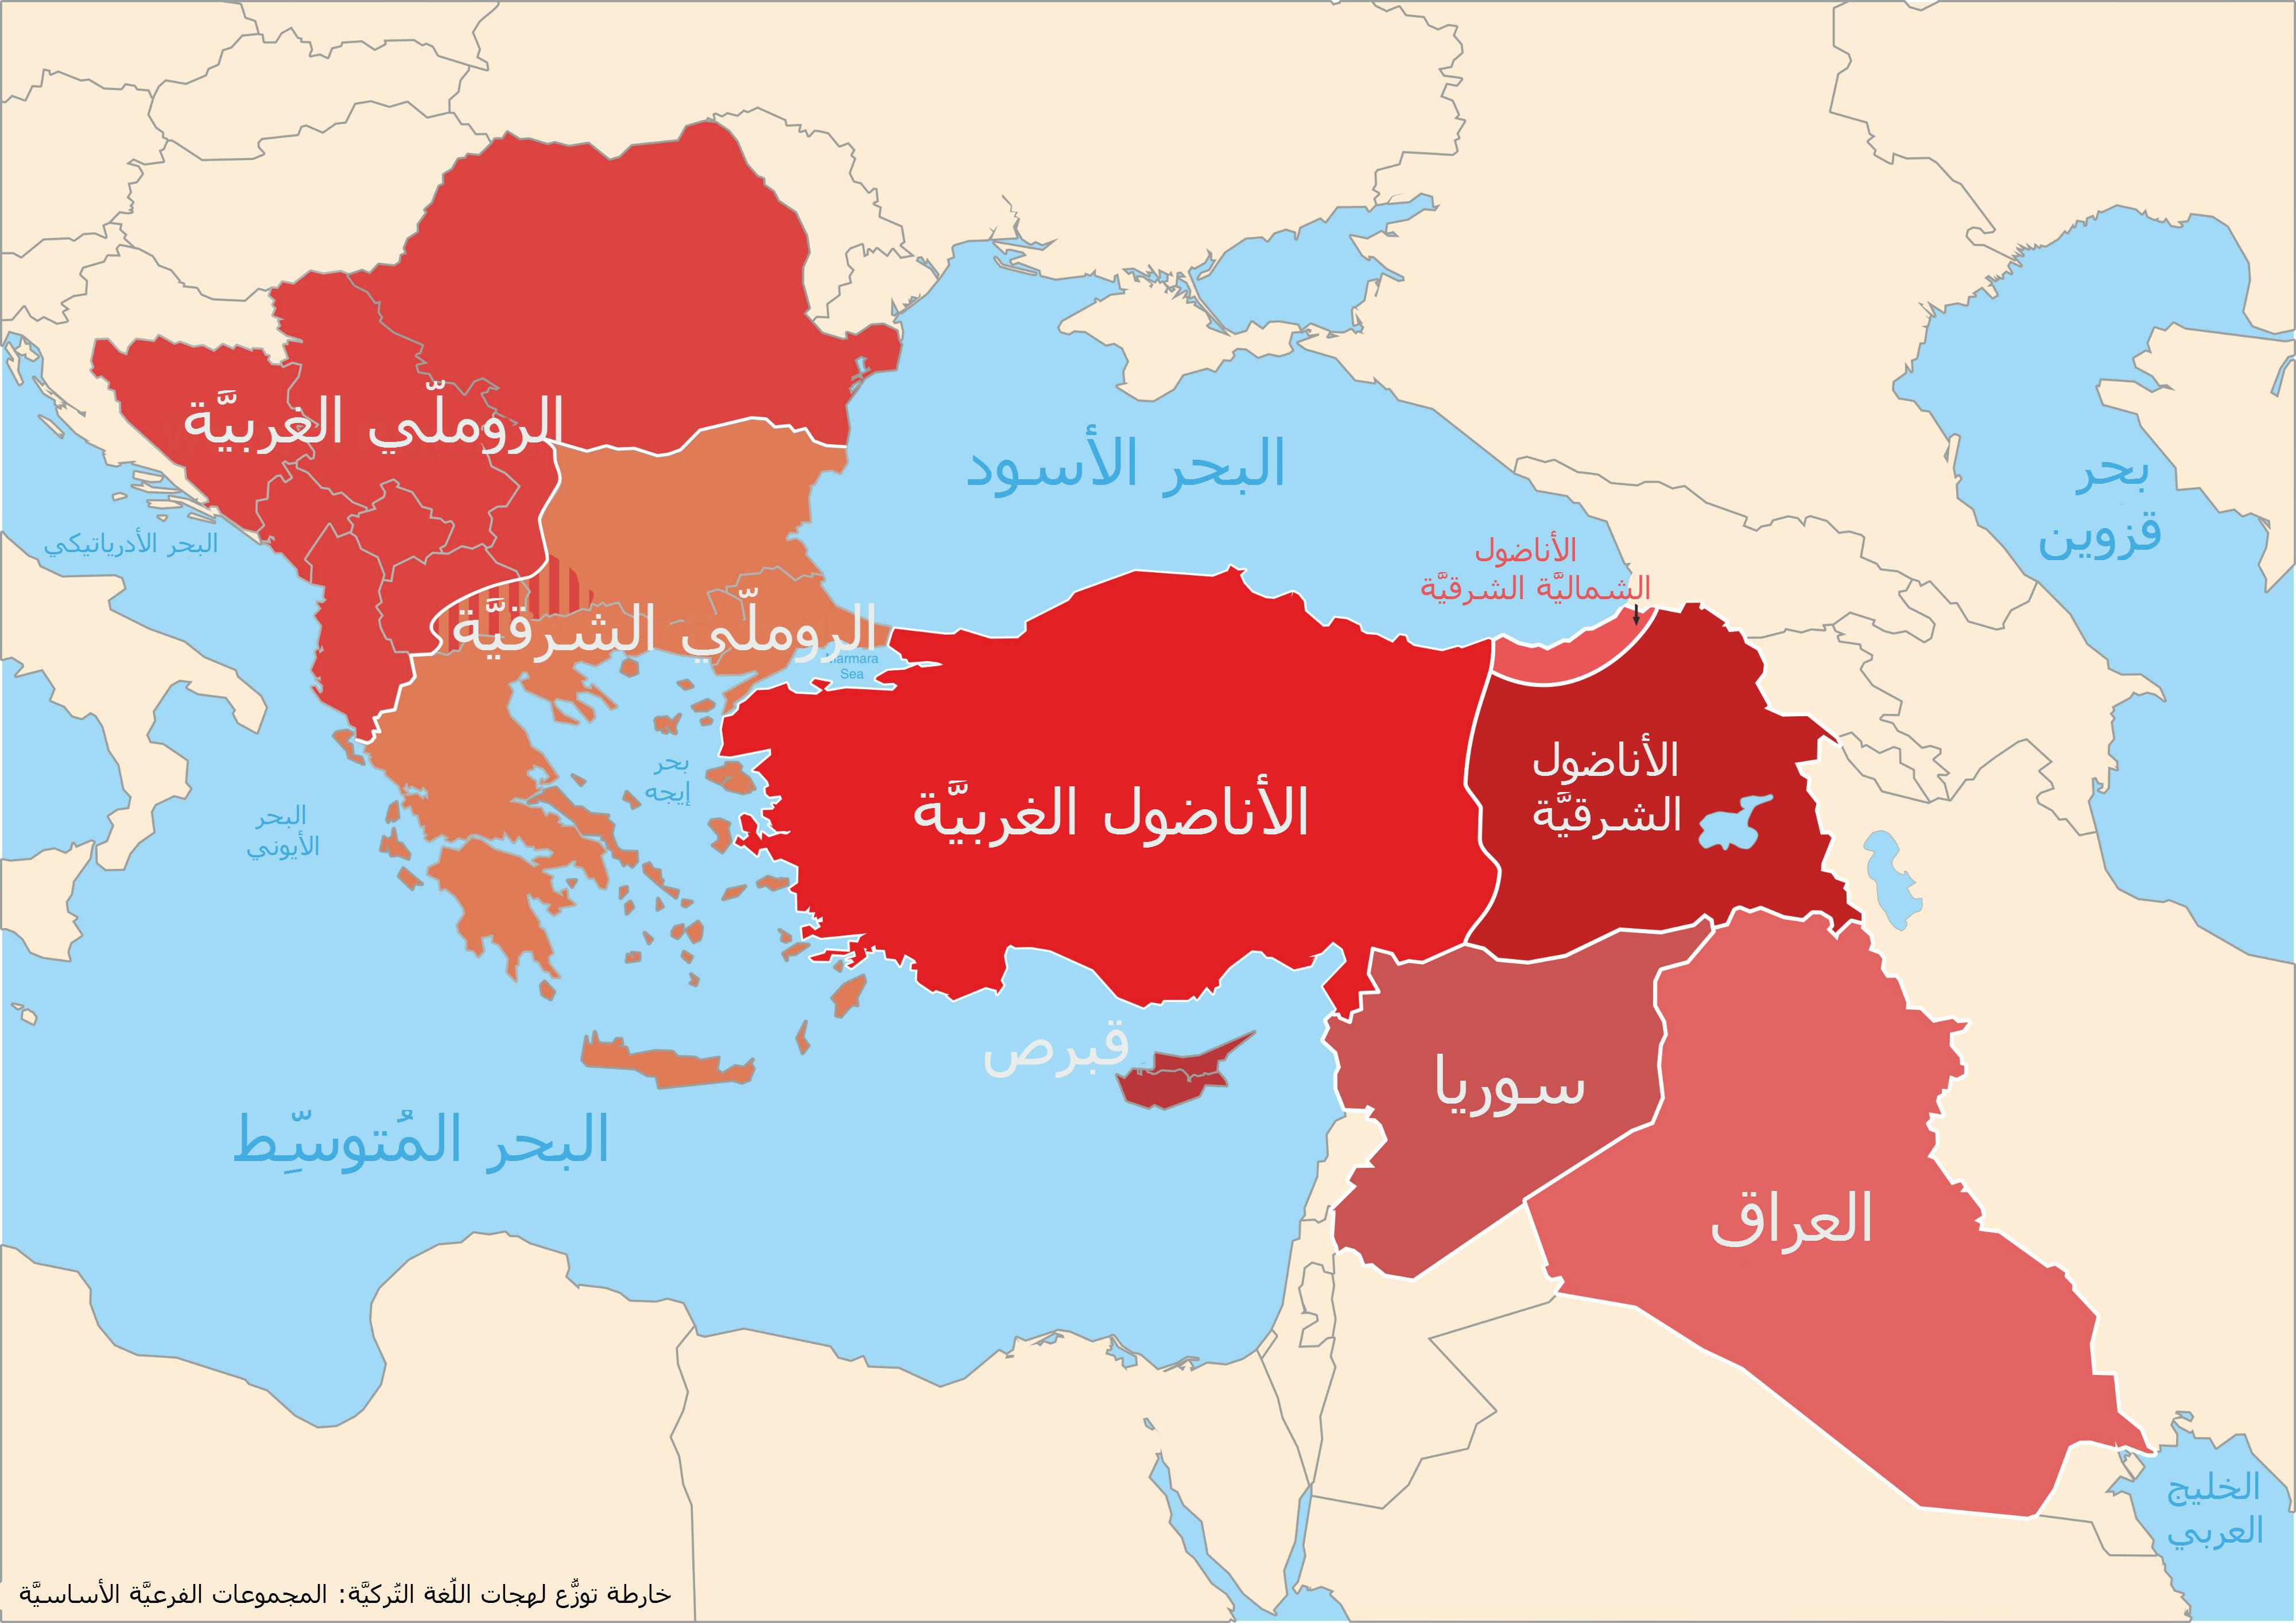 بالصور خريطة تركيا بالعربي , بالصور تعرف علي مدن تركيا من خلال خريطة عربي unnamed file 146